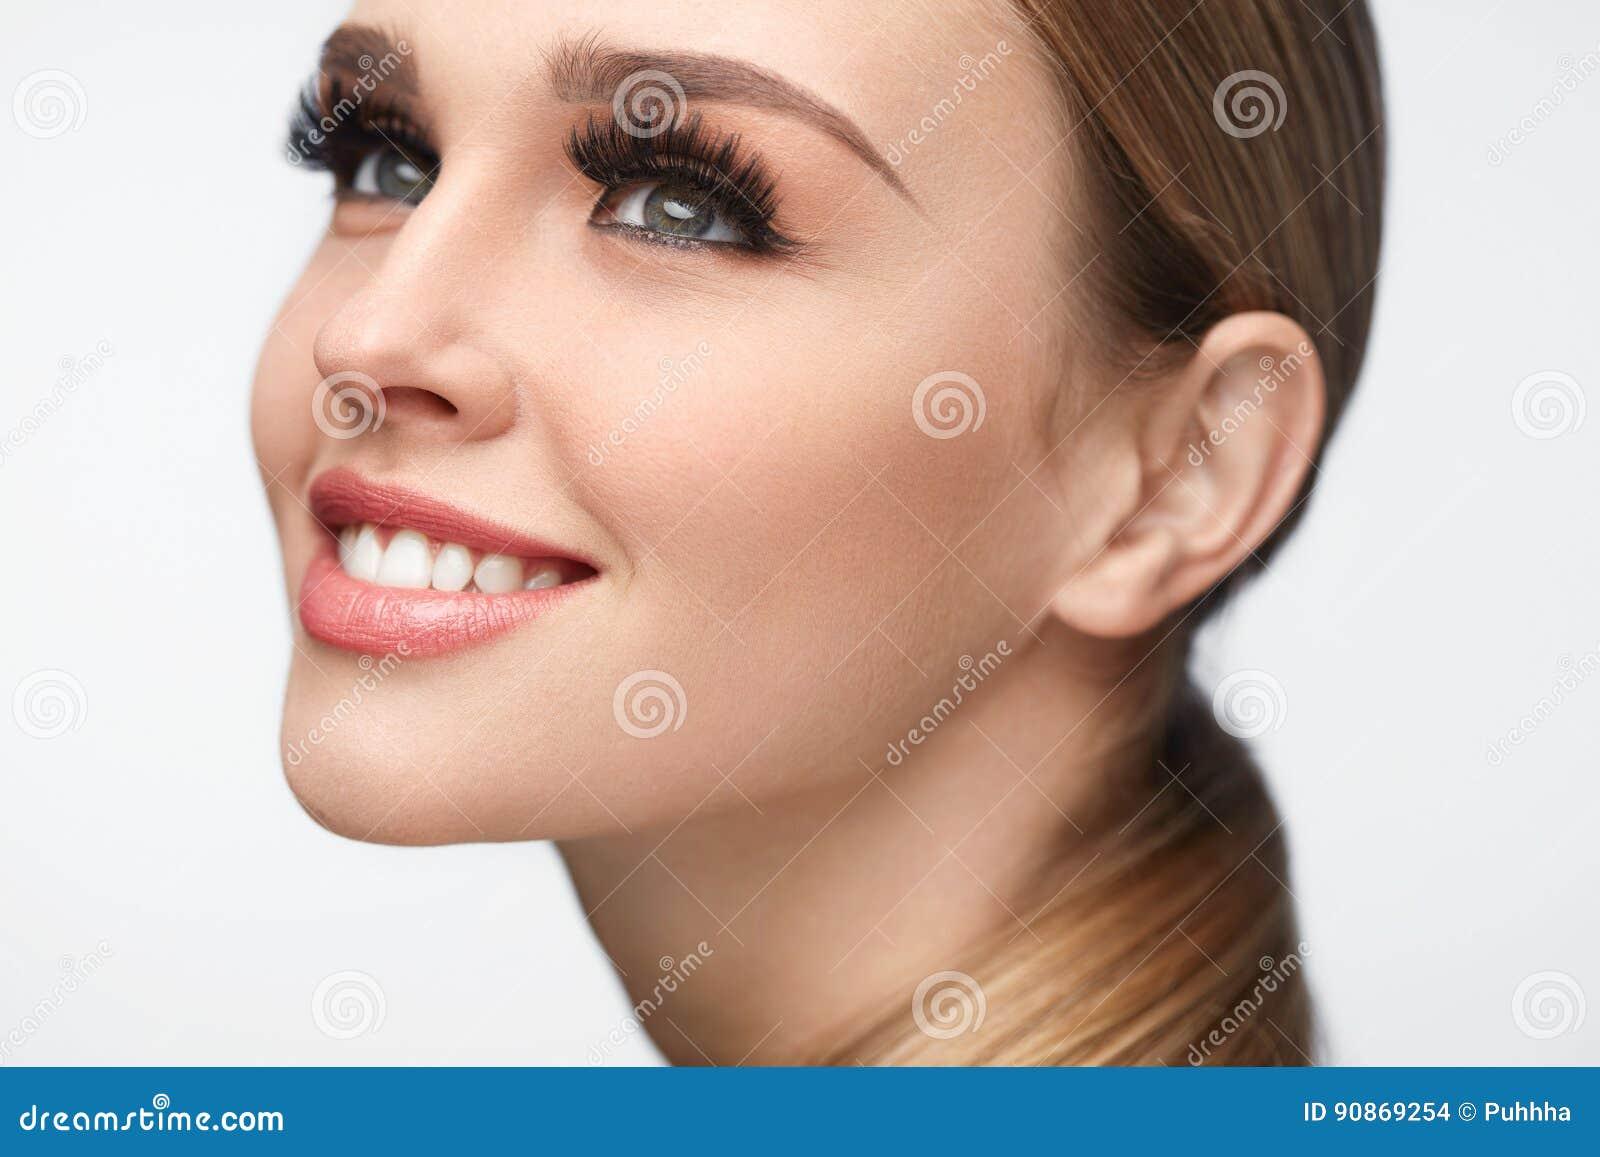 εικόνες από παχιά μαύρα κορίτσιαθηλυκό όργιο